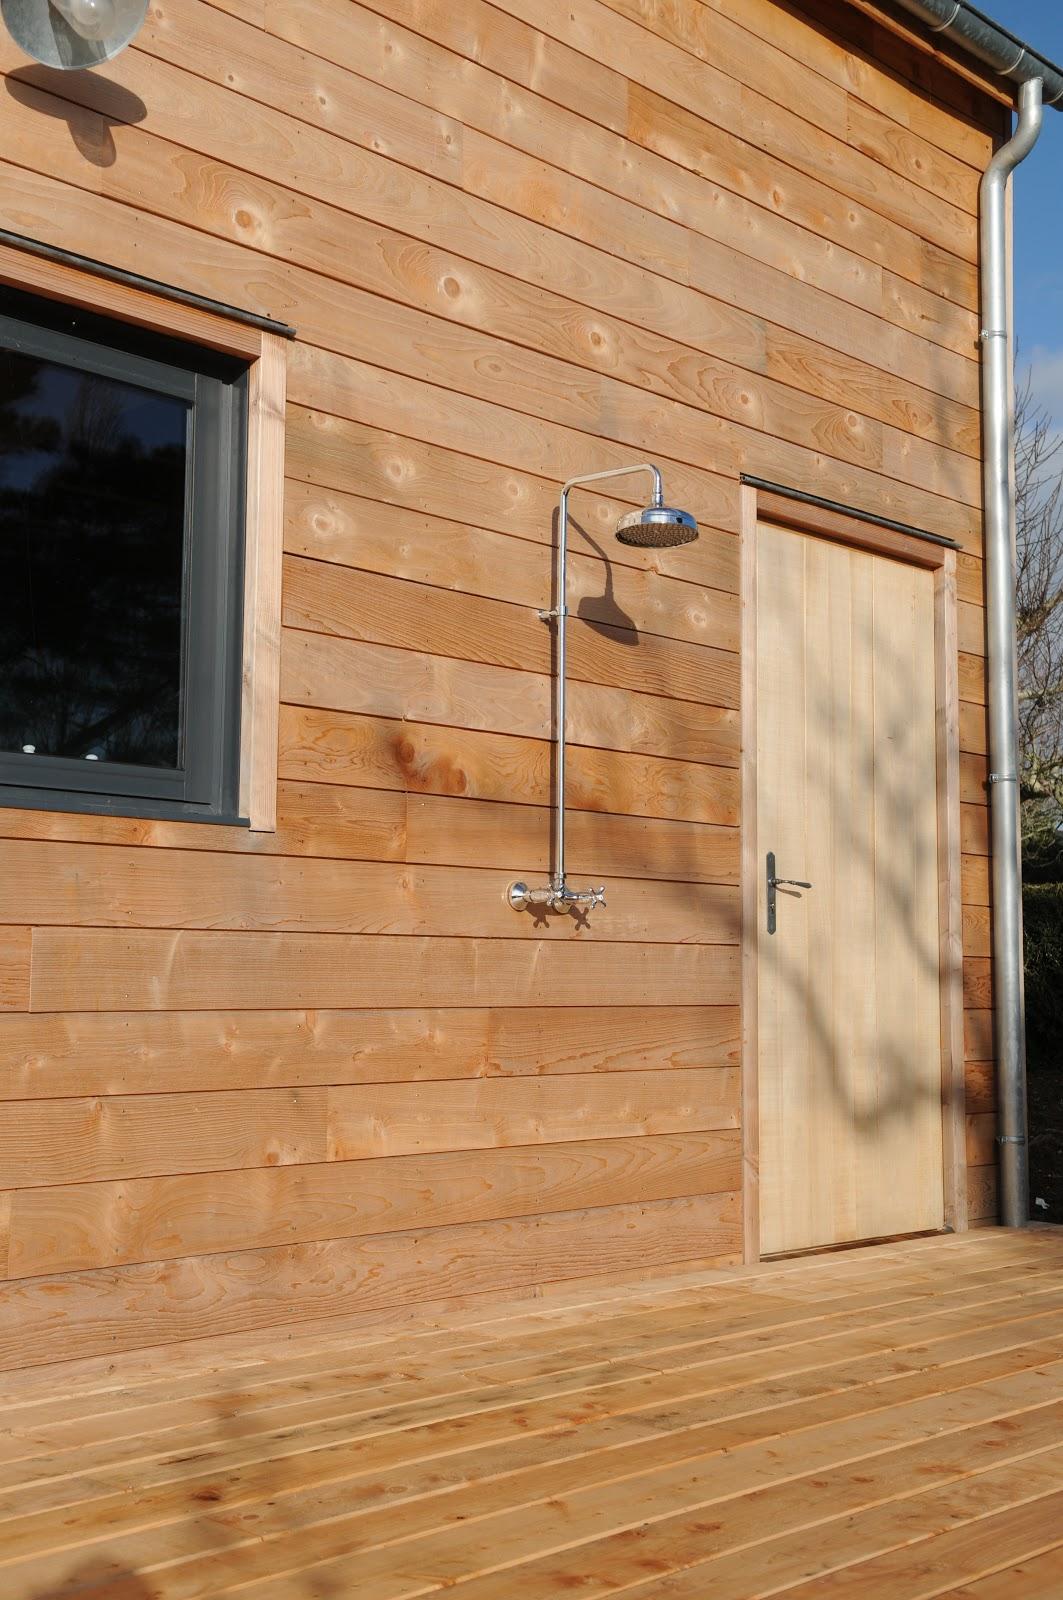 Echopaille- Maison écologique maison plage